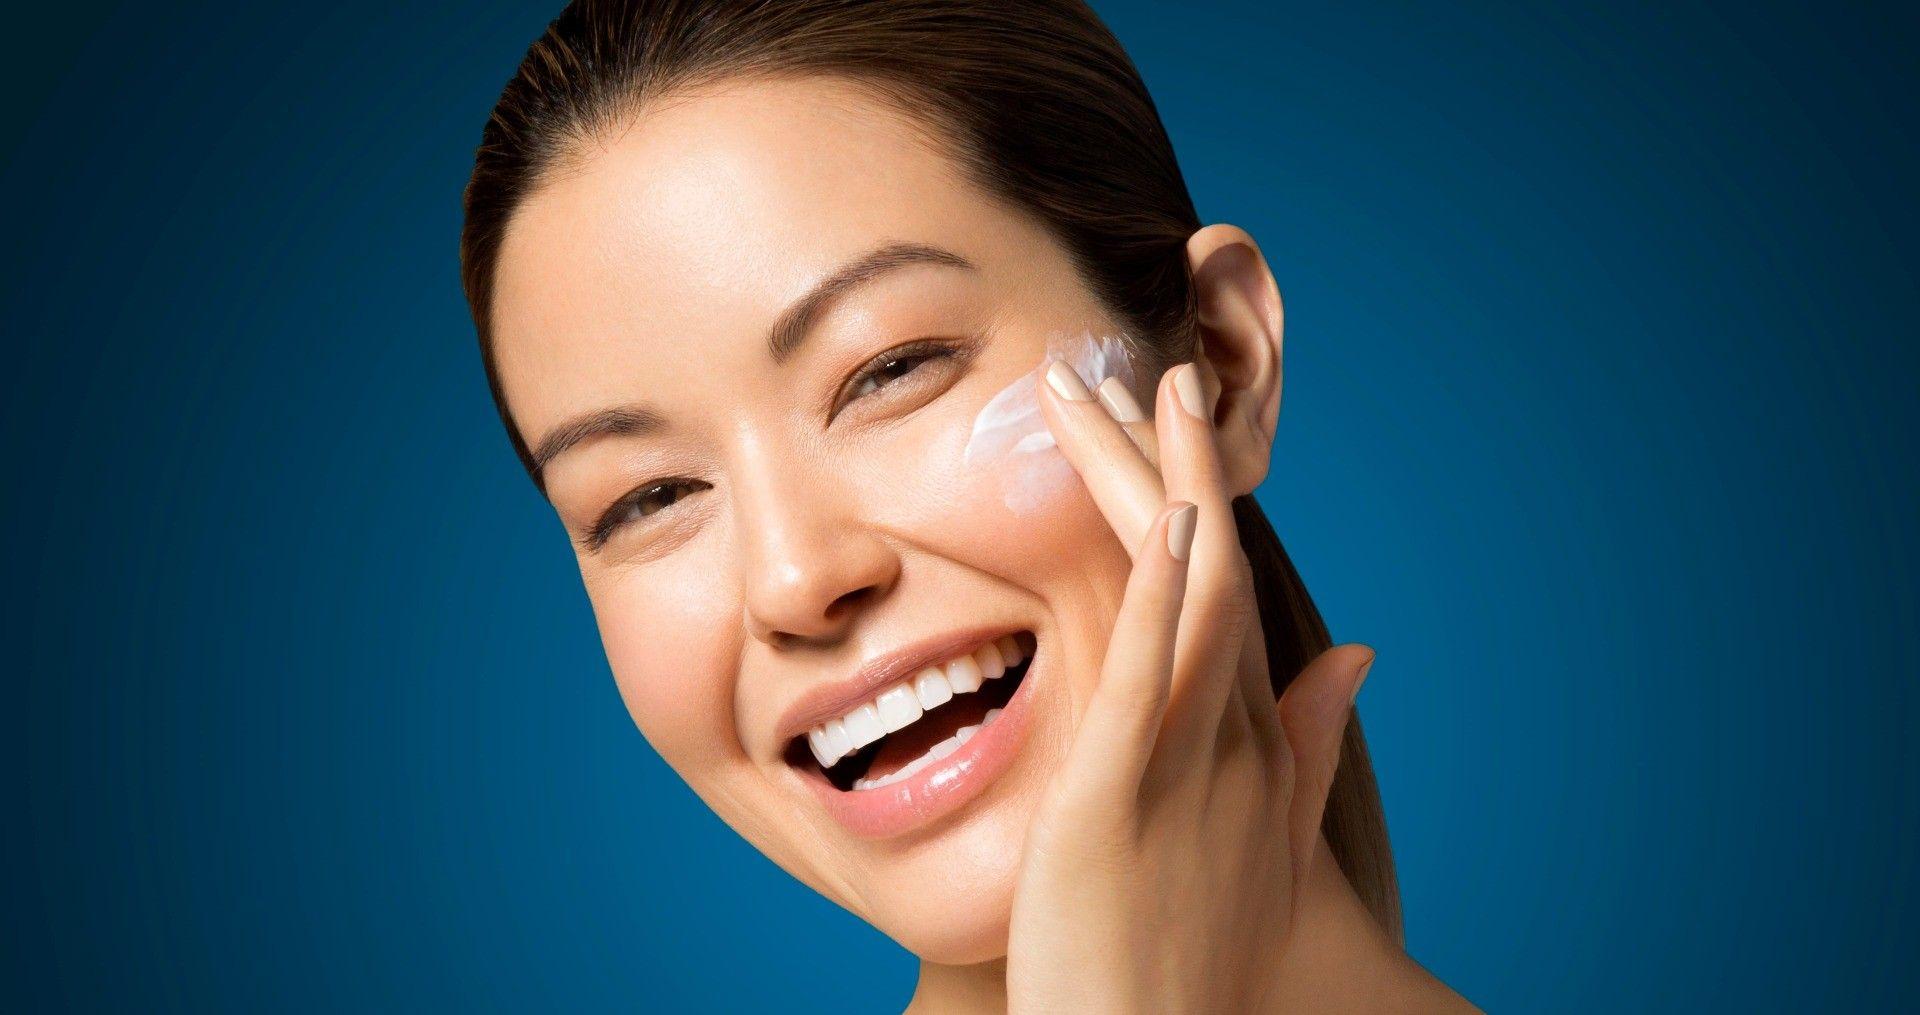 izzy applying Skin Smoothing Cream